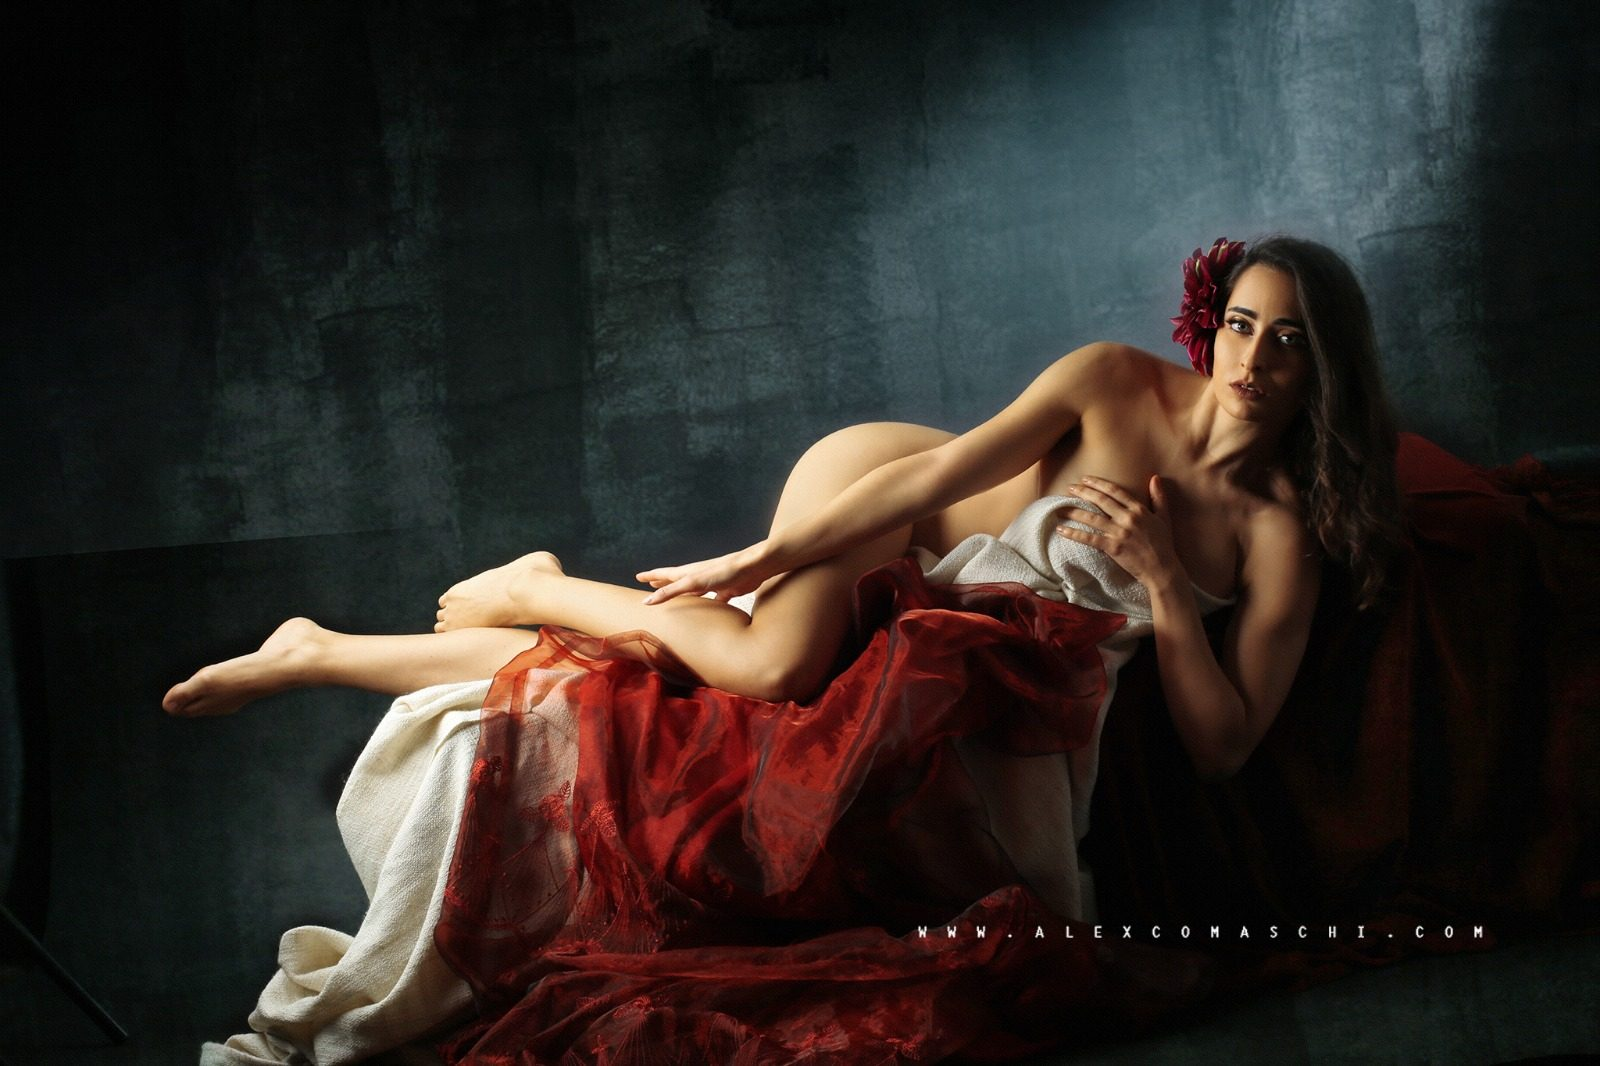 Antonella Marino by Alex Comaschi